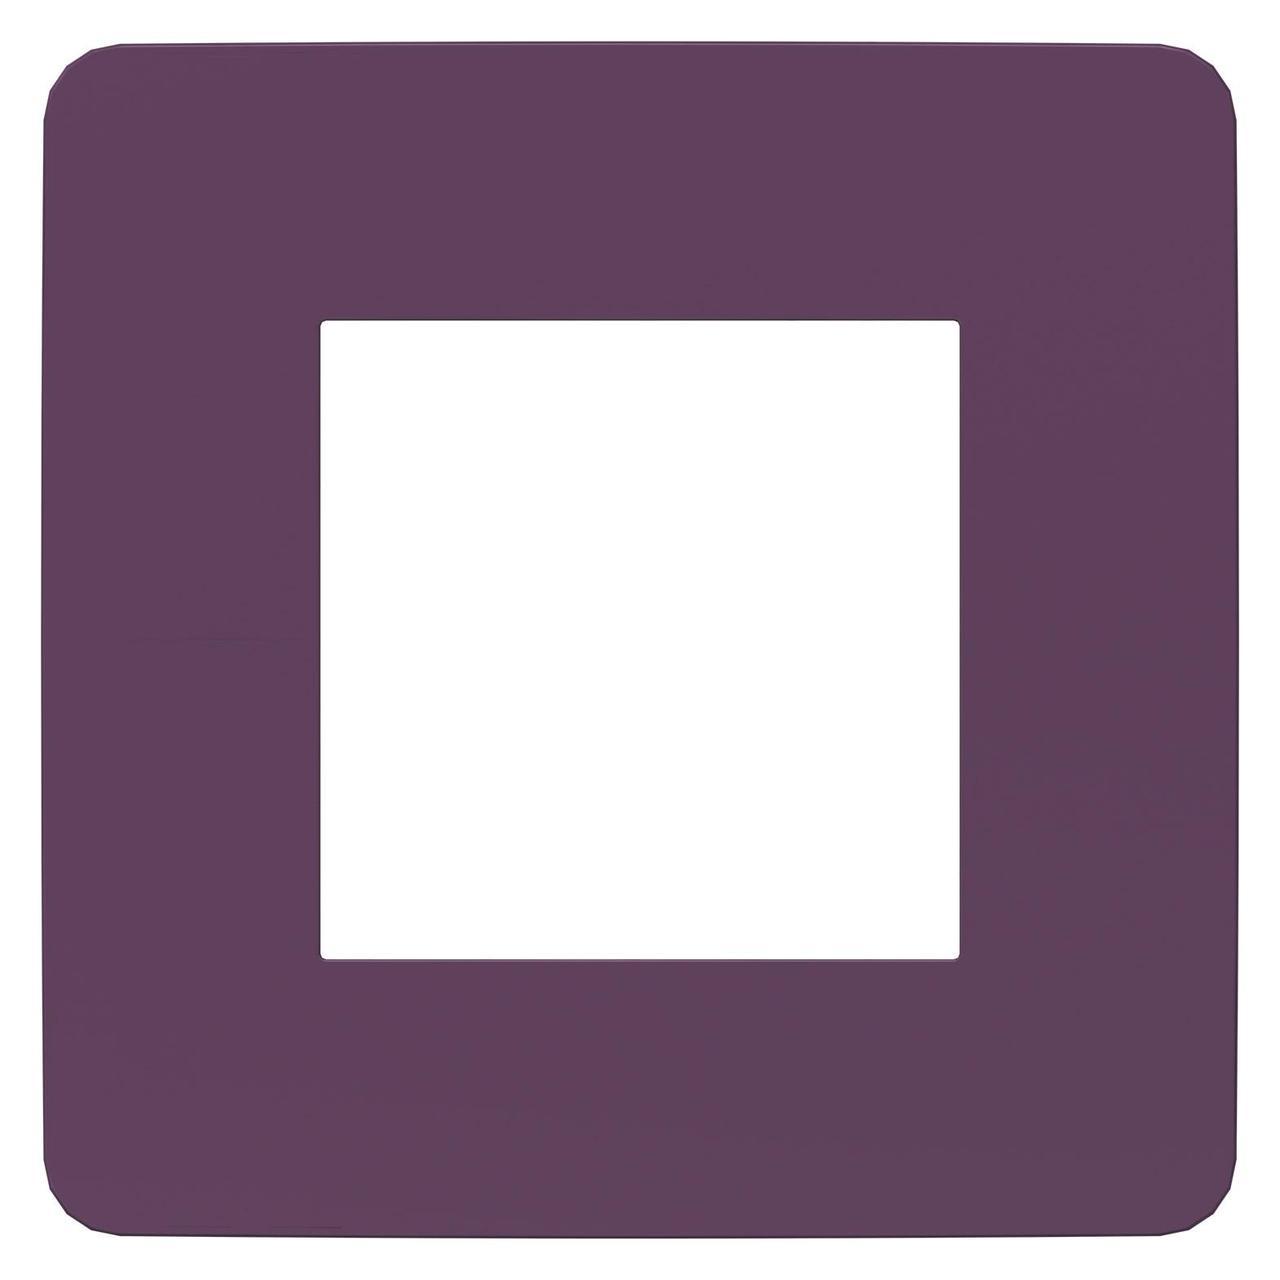 Рамка 1-ая (одинарная), Лиловый/Бежевый, серия Unica Studio, Schneider Electric